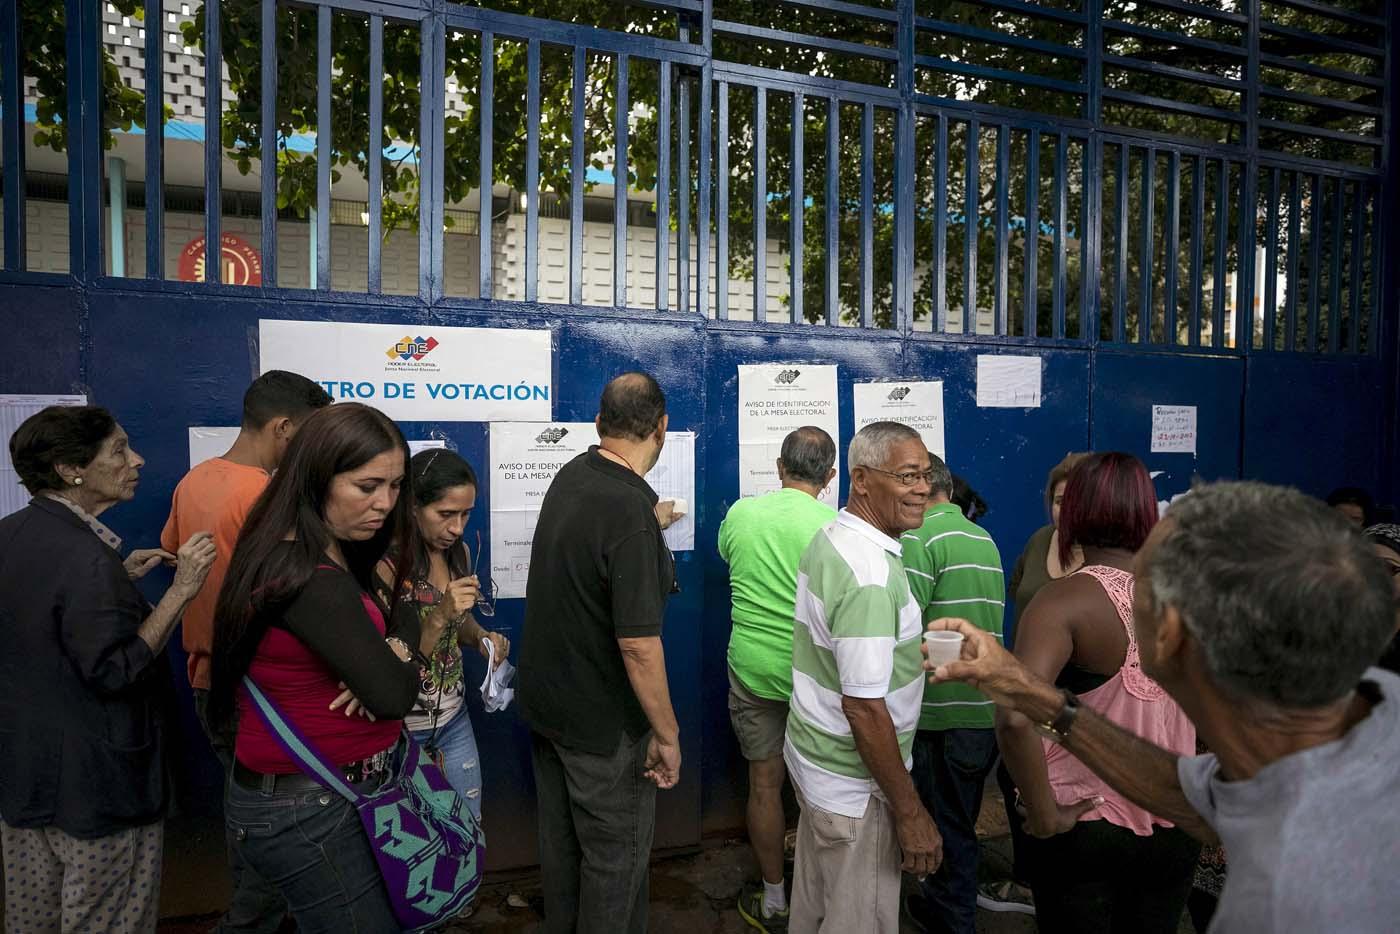 GRA120. CARACAS (VENEZUELA), 15/10/2017 - Varias personas asisten a un centro de votación hoy, 15 de octubre de 2017, en Caracas (Venezuela). Los centros de votación en Venezuela comenzaron hoy a abrir sus puertas a las seis de la mañana hora local (10.00 GMT), como estaba previsto, para atender a los ciudadanos que están llamados a participar en la elección de los 23 gobernadores del país caribeño. EFE/Miguel Gutiérrez